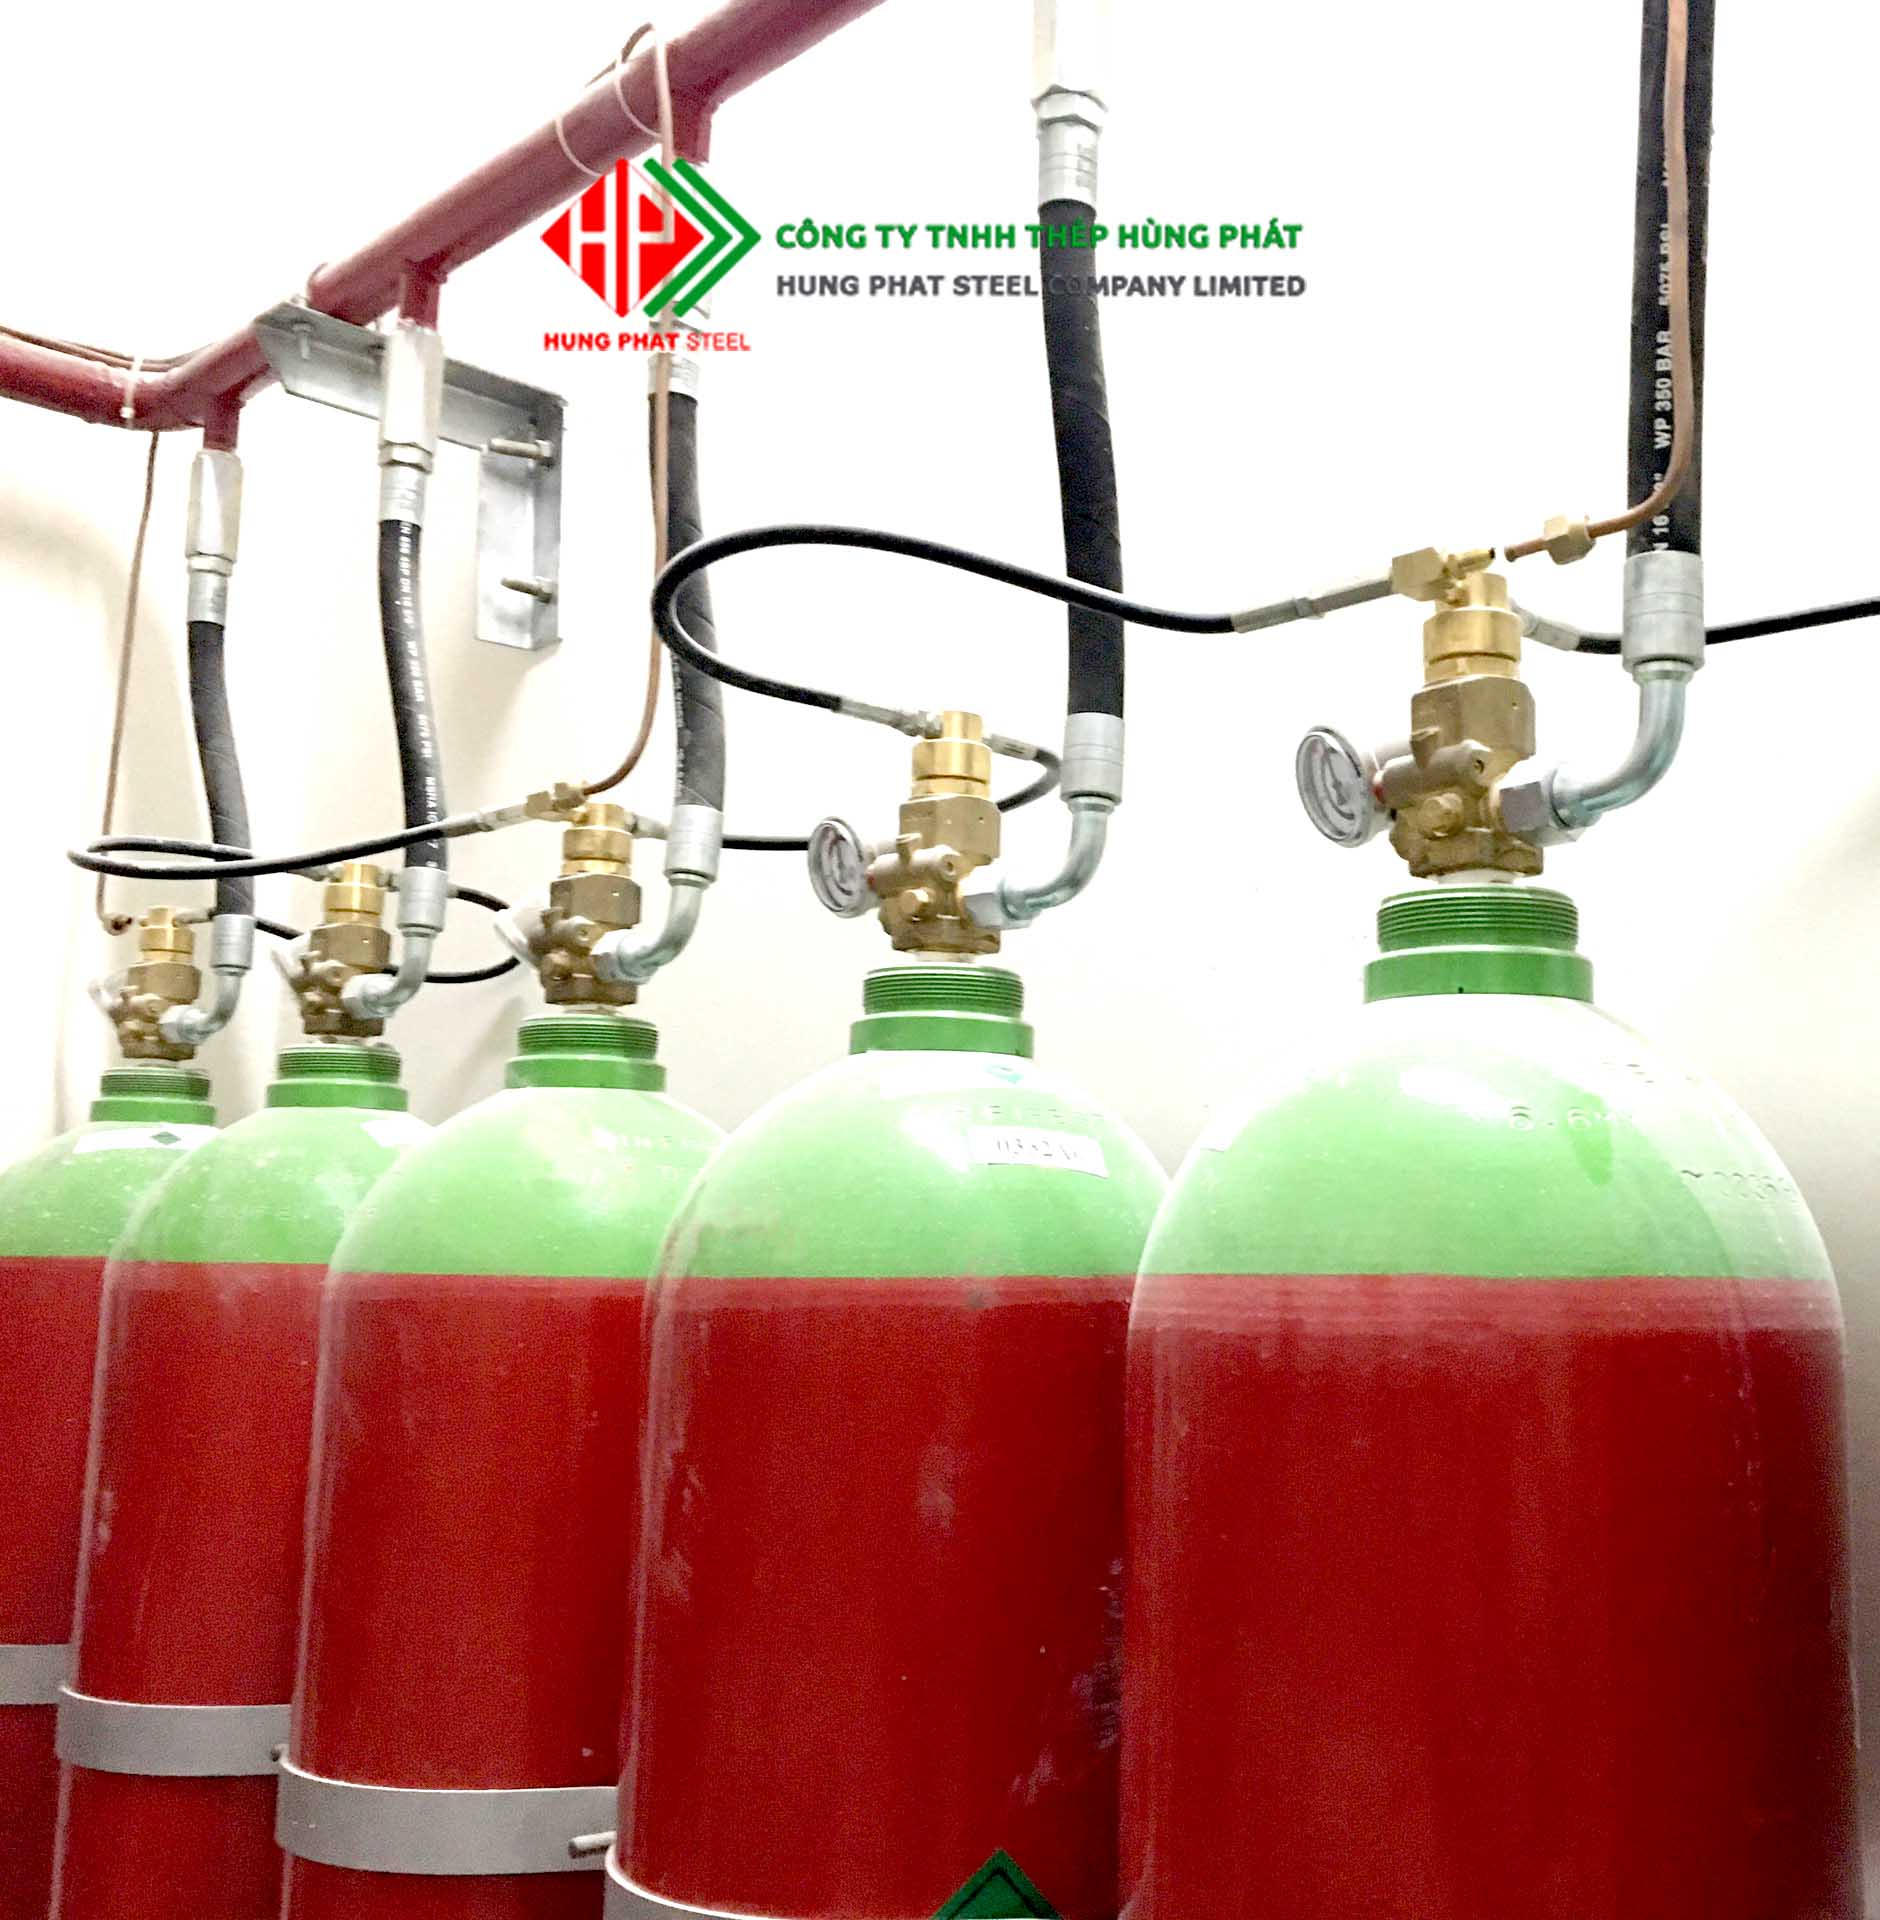 Hệ thống chữa cháy tự động Nitơ, các thệ thống chứa cháy